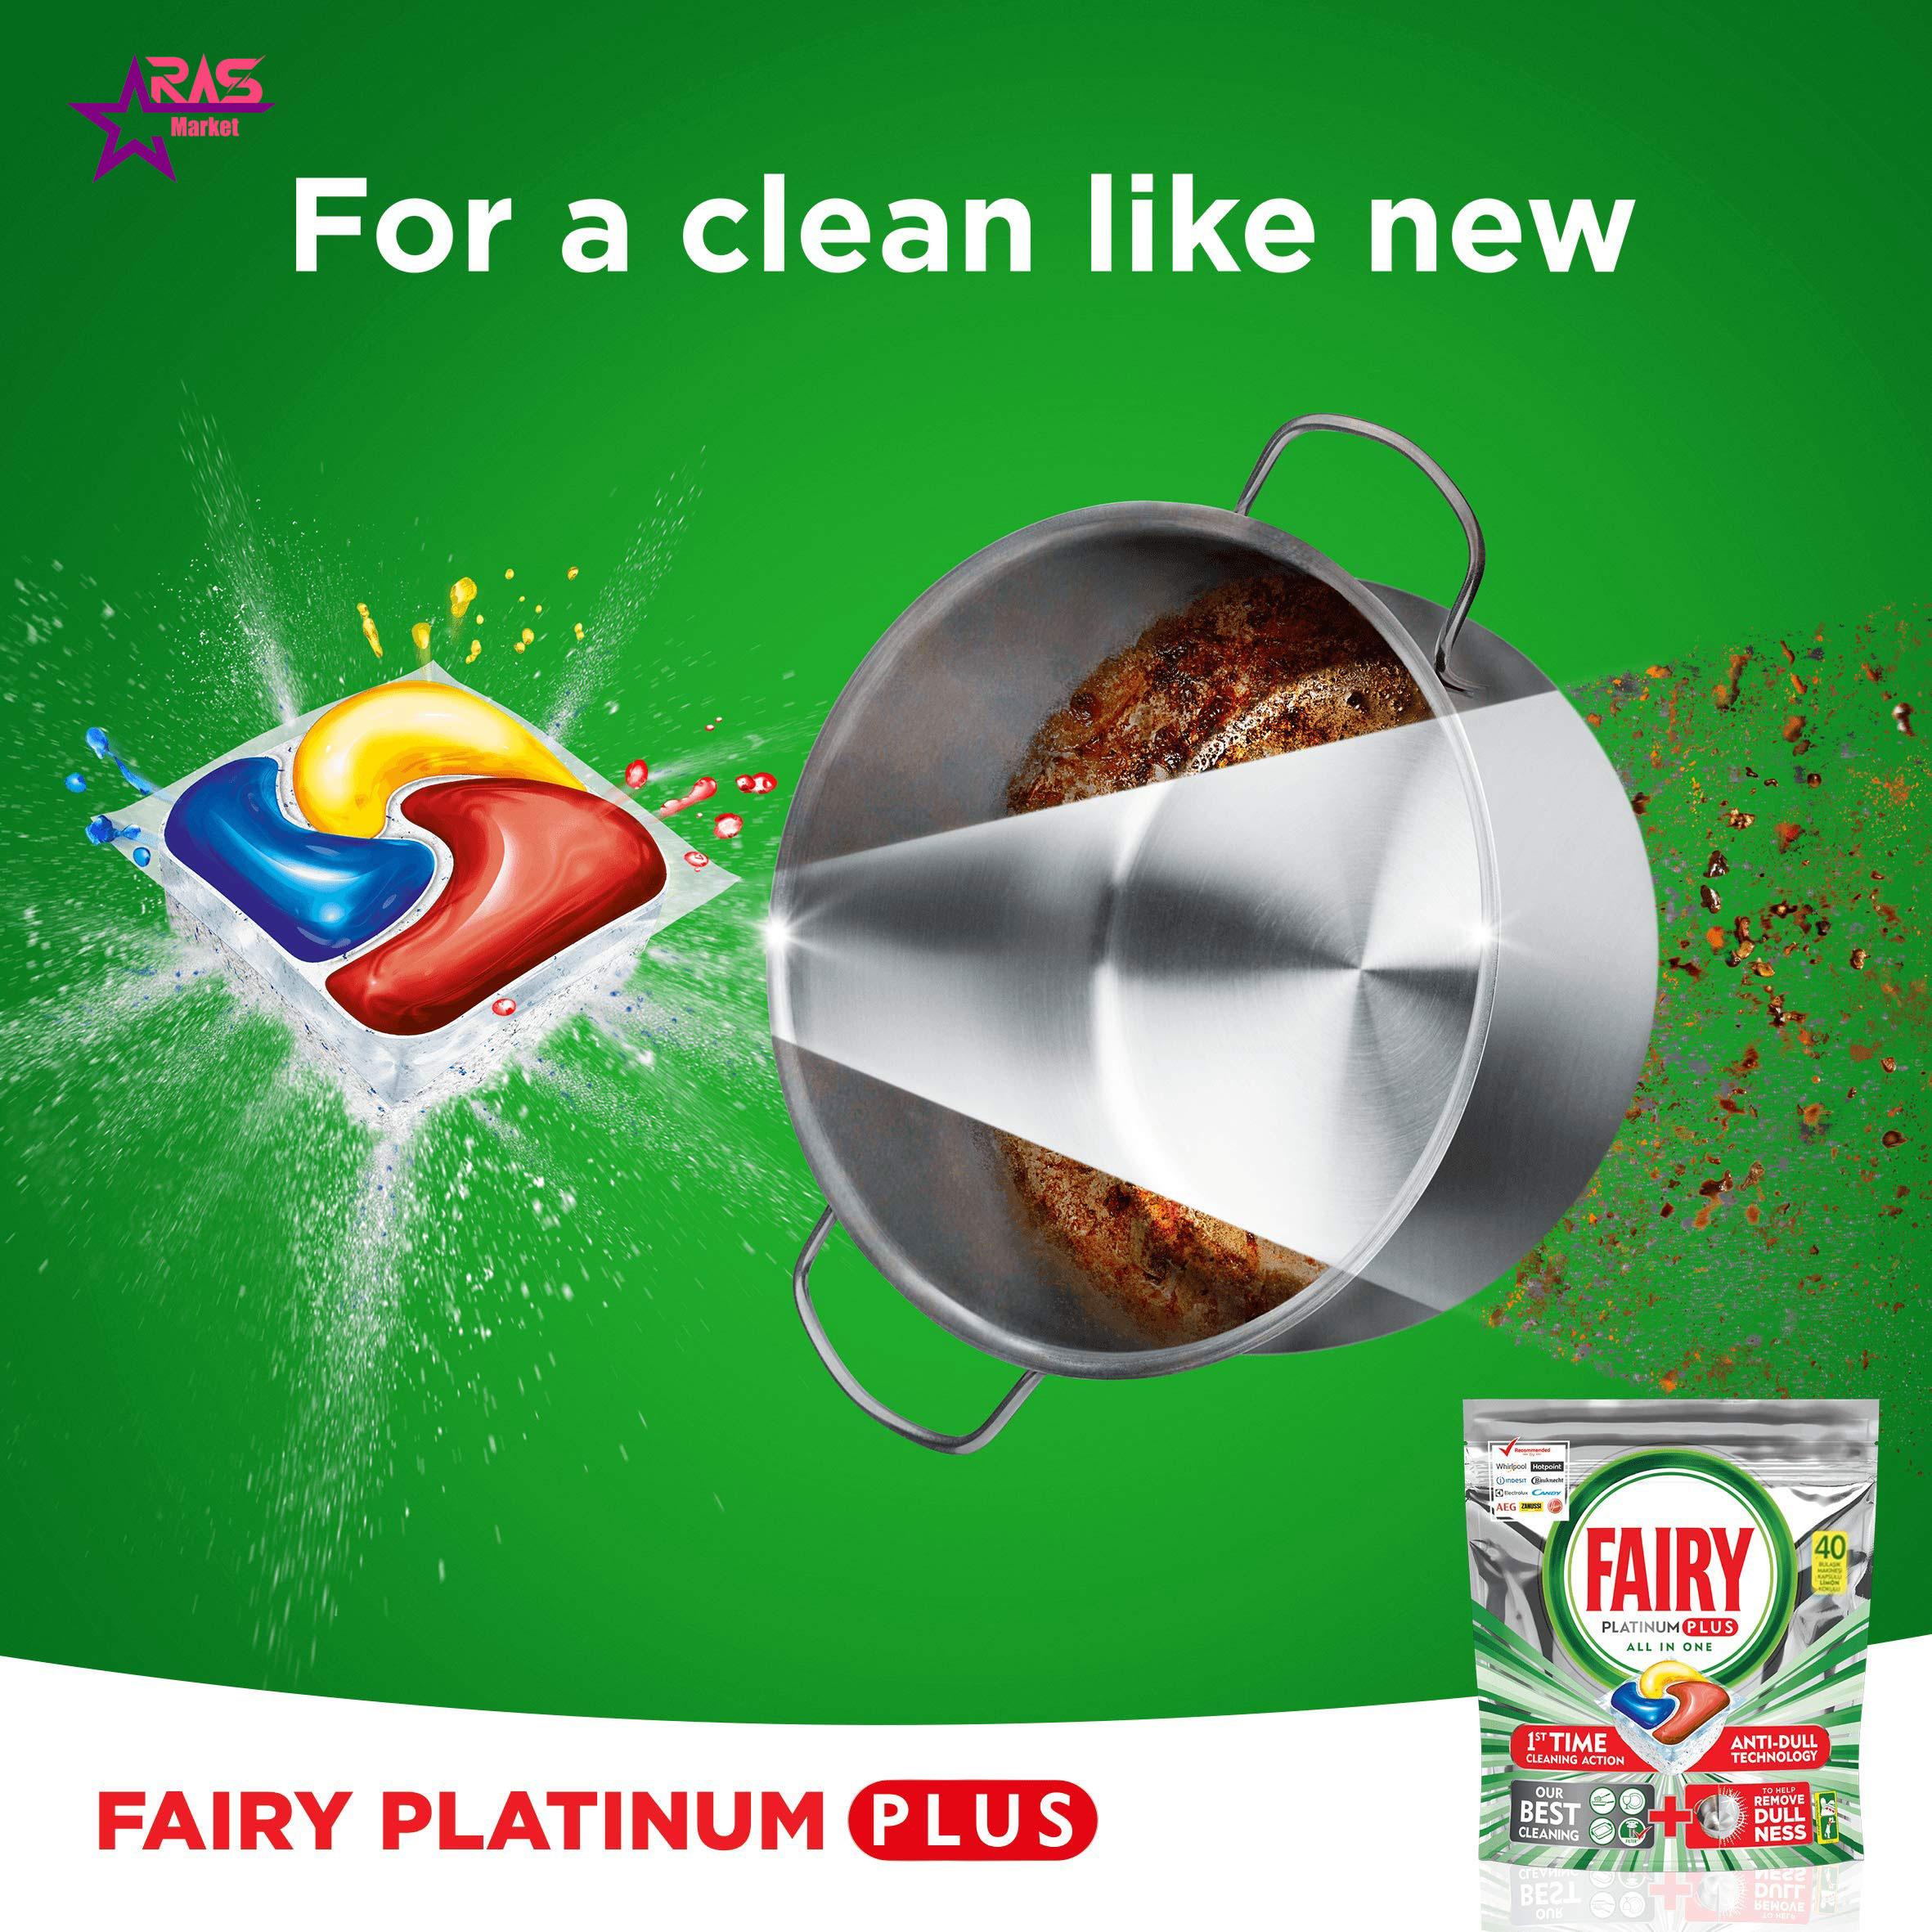 قرص ماشین ظرفشویی فیری پلاتینیوم پلاس 40 عددی ، خرید آنلاین محصولات شوینده و بهداشتی ، بهداشت خانه ، fairy platinum plus